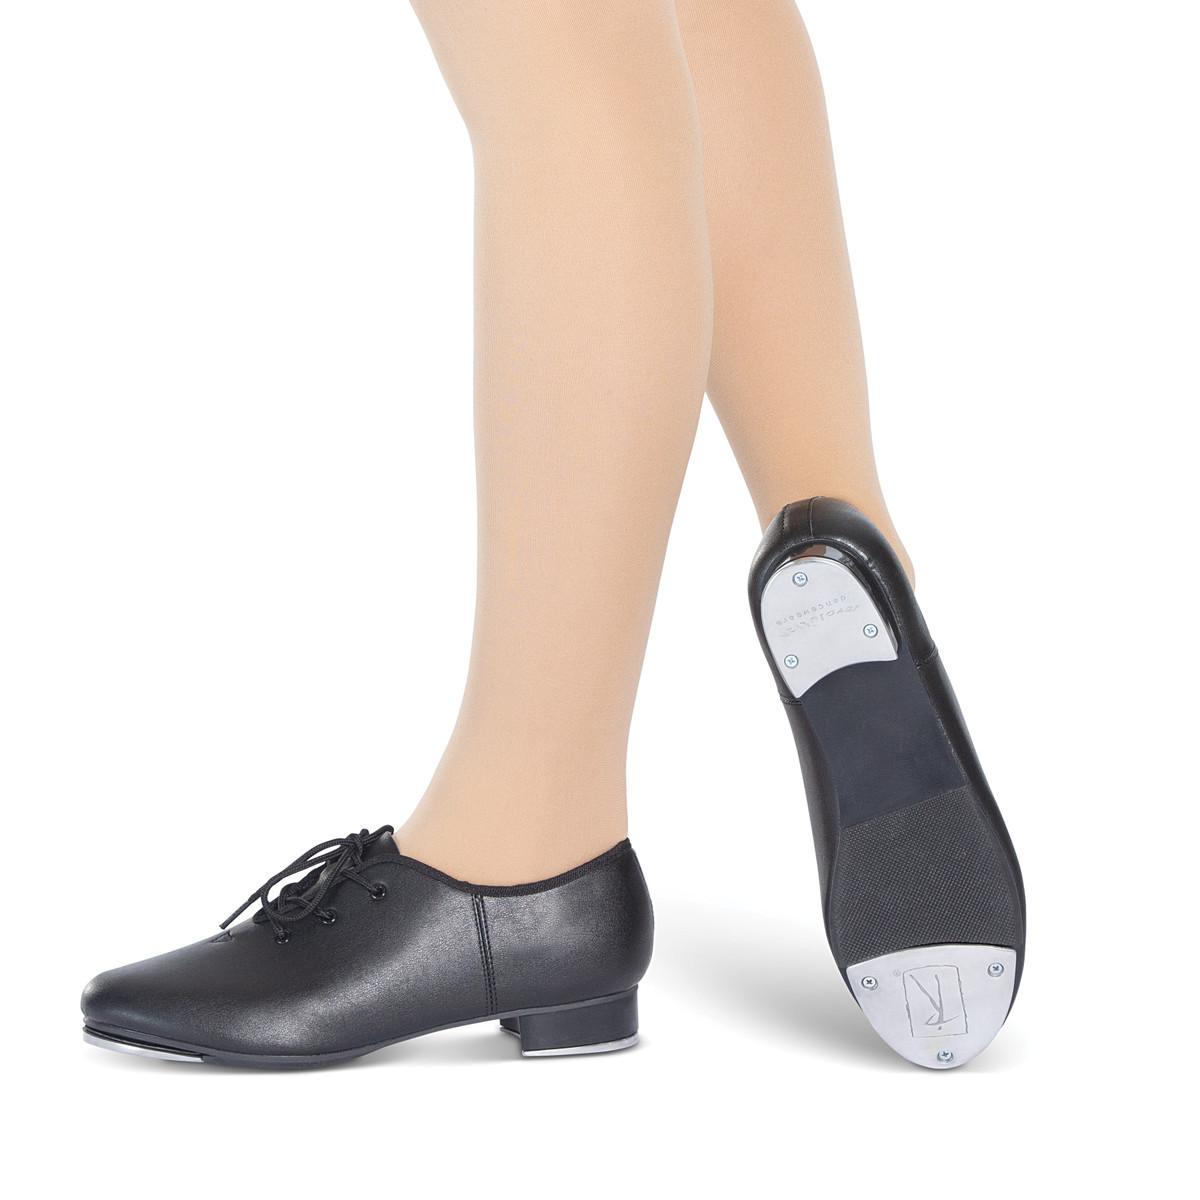 Intro JT Shoe Sizing Kit